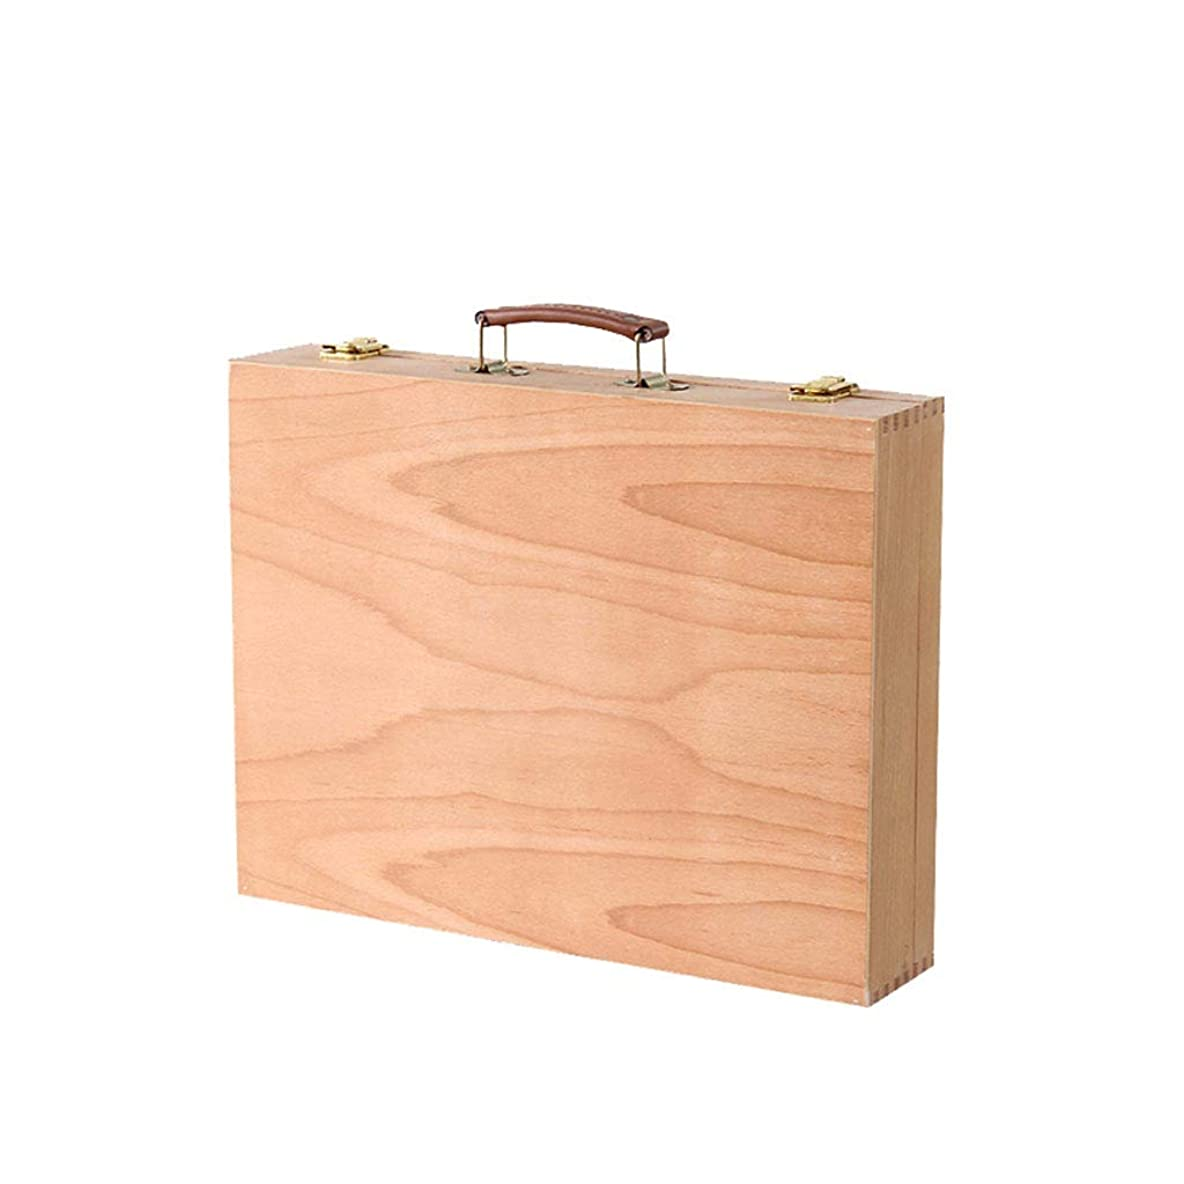 肺テレビ牛肉ブナポータブル塗装ボックス、アートピクチャーボックス収納ボックス、デスクトップ大容量ポータブル学生ログカラーペイントボックス